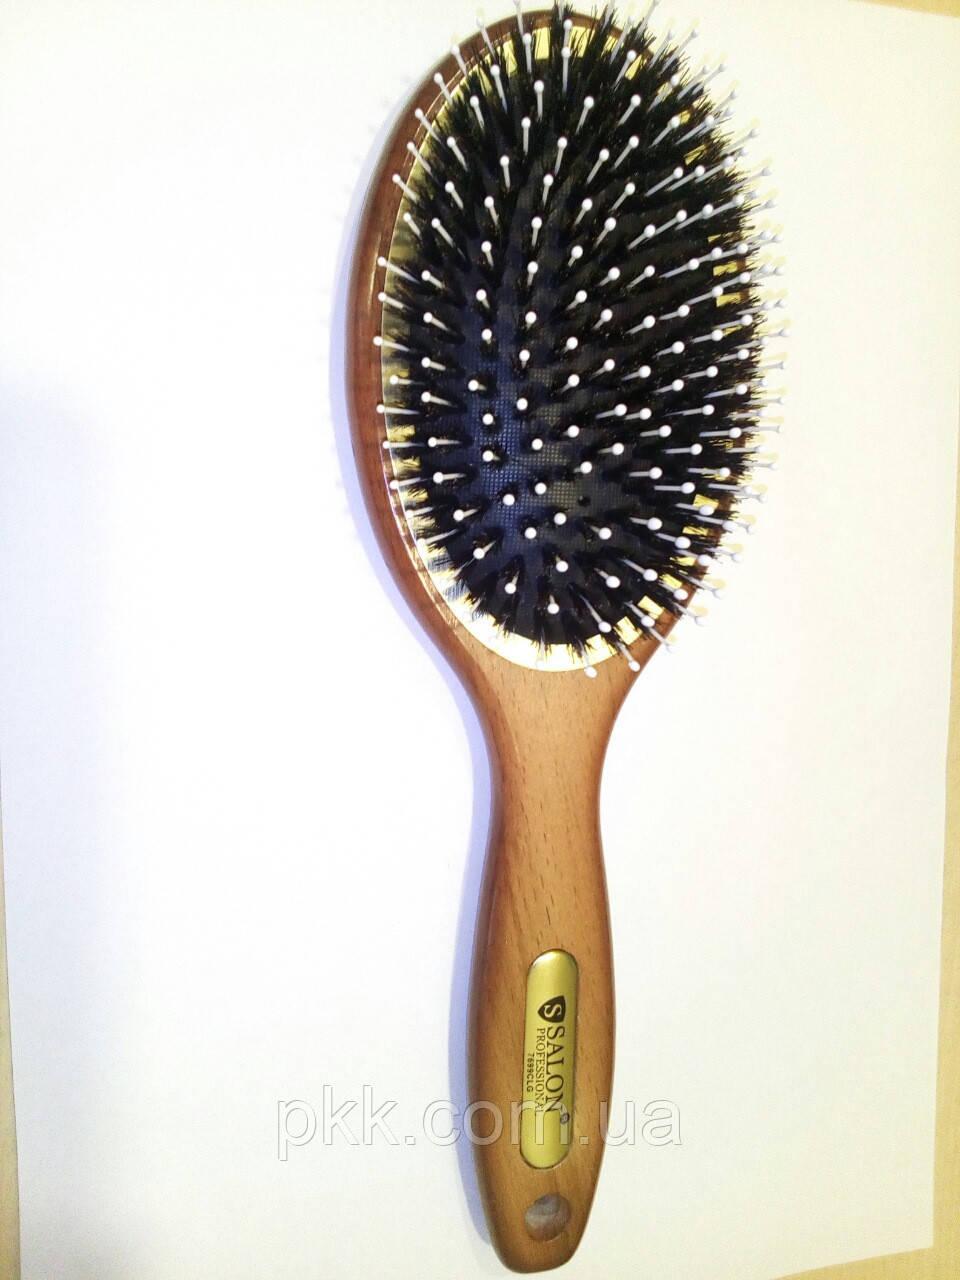 Щетка для волос SALON 7699 CLG